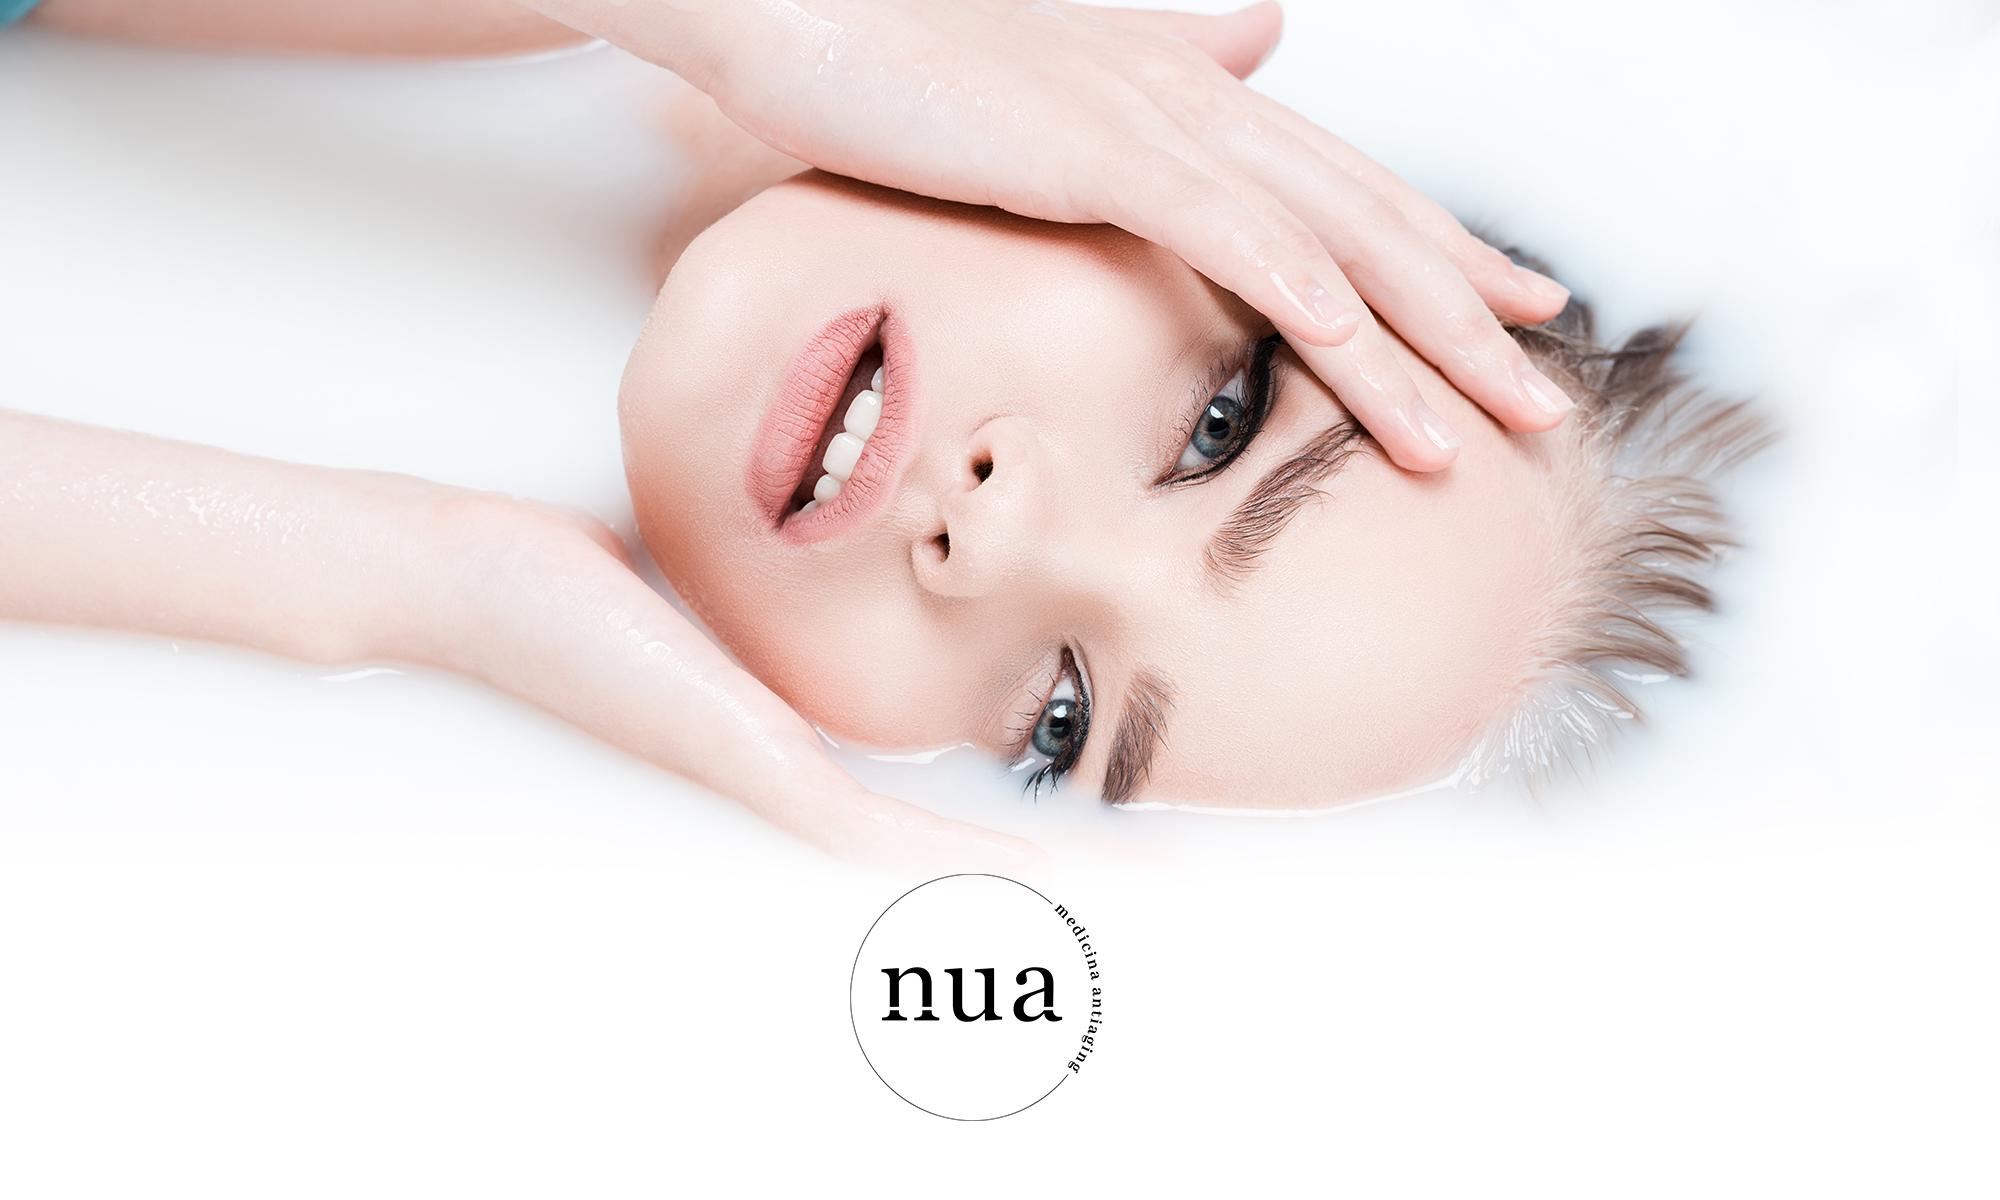 NUA 1 - Fama Publicidad